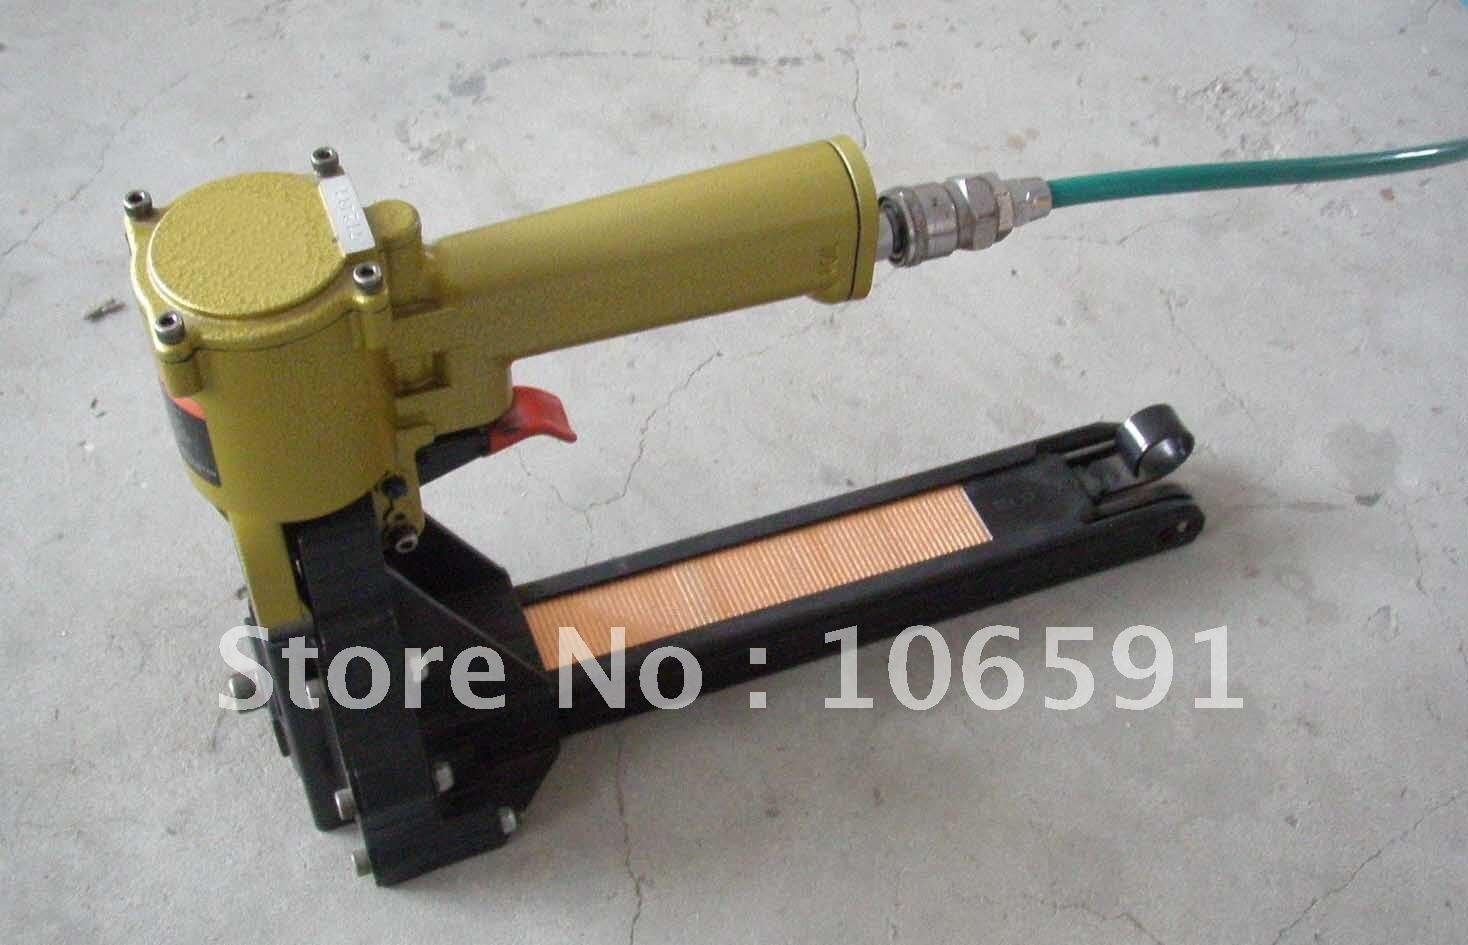 Пневматическая воздушная картонная упаковка упаковочный аппарат для упаковки ногтей 15-18 мм